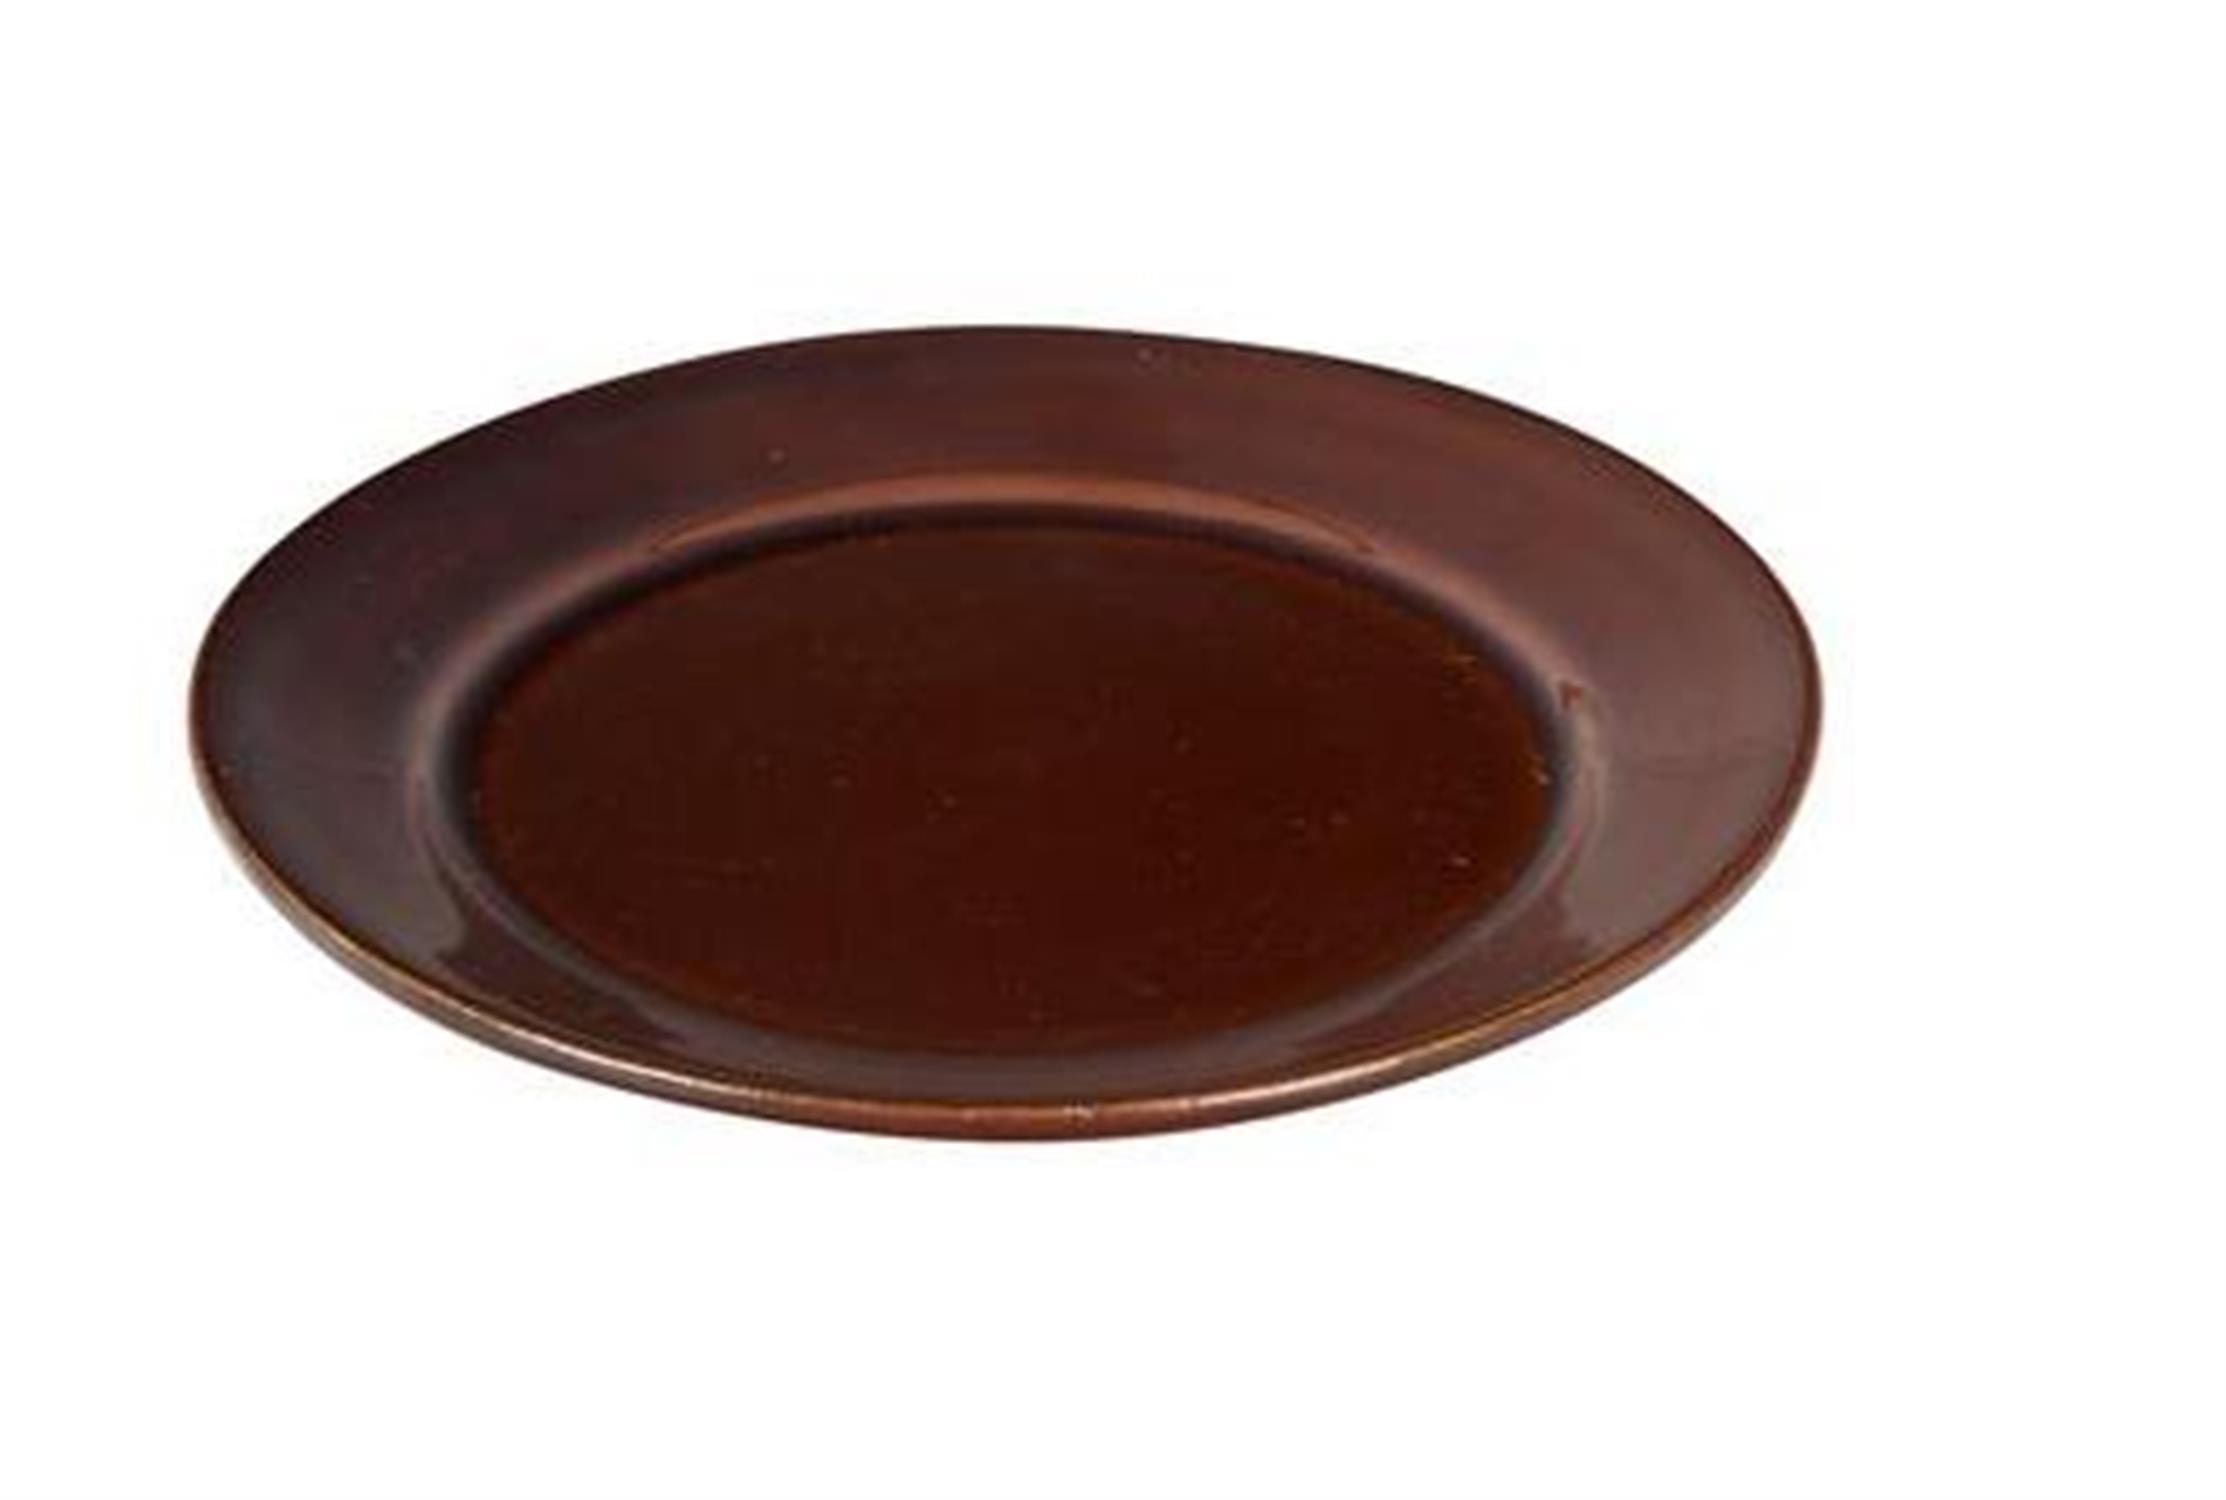 Πιάτο κεραμικό καφέ για γιουβέτσι 18cm Venus 25353